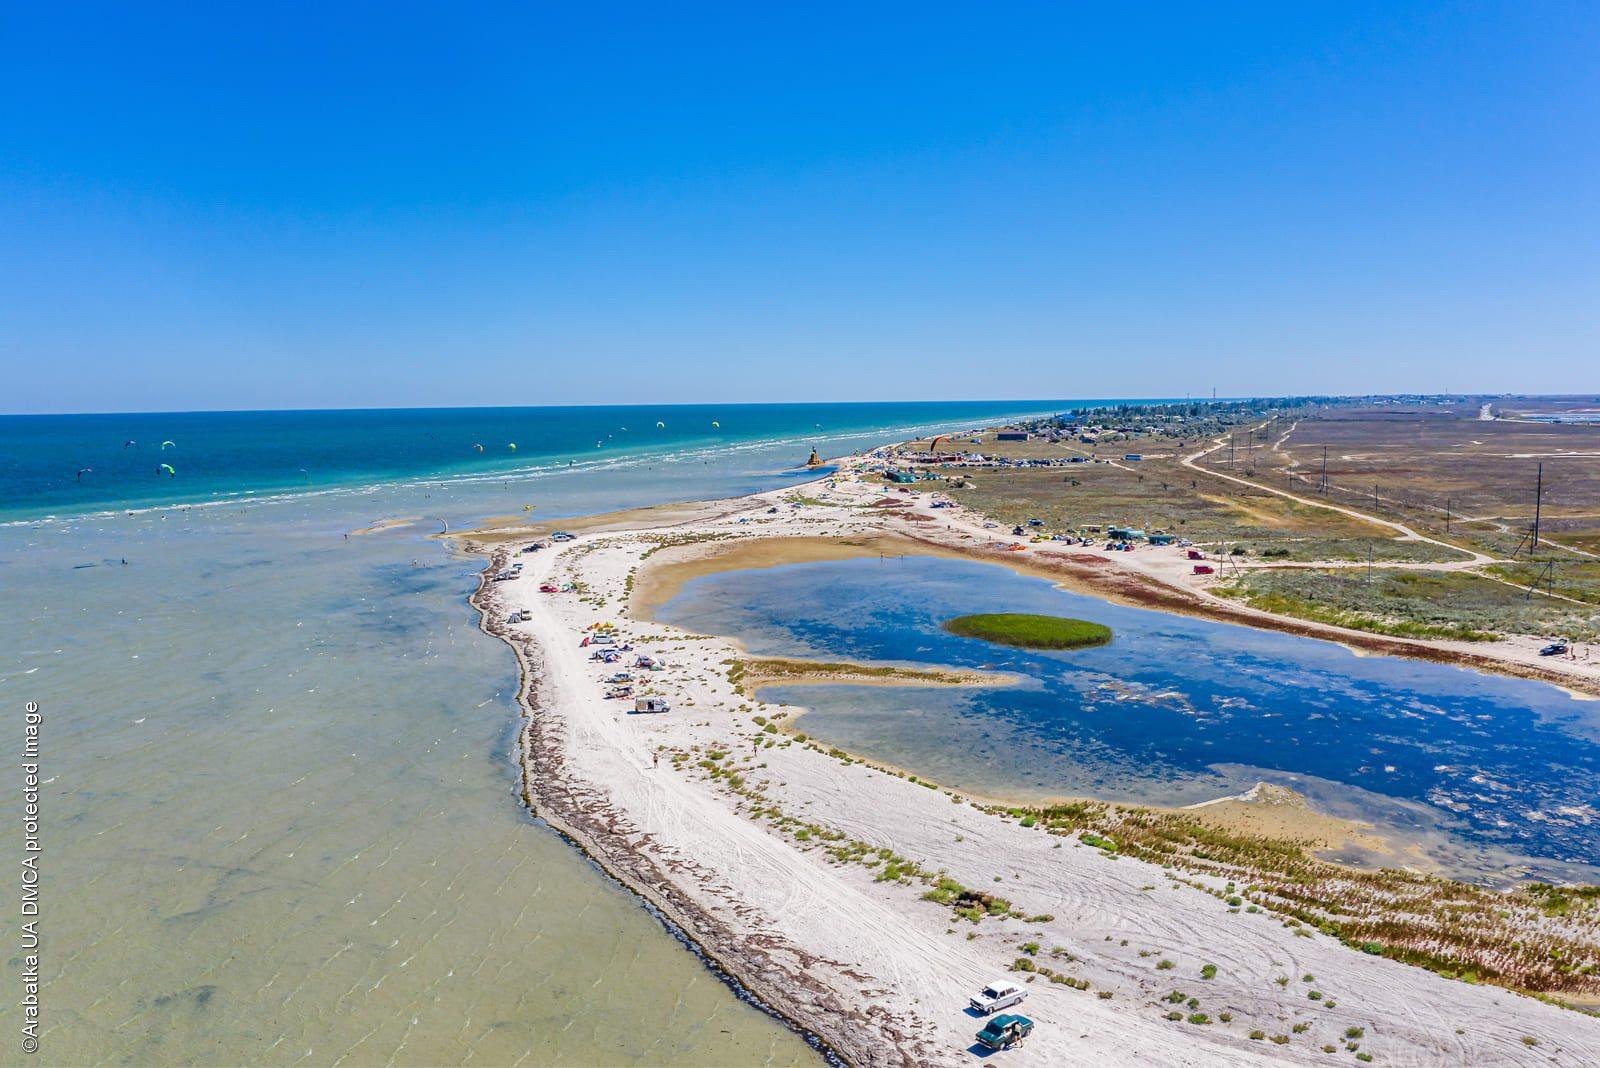 На Херсонщине запущен новый медиа-проект для популяризации курортов Азовского моря